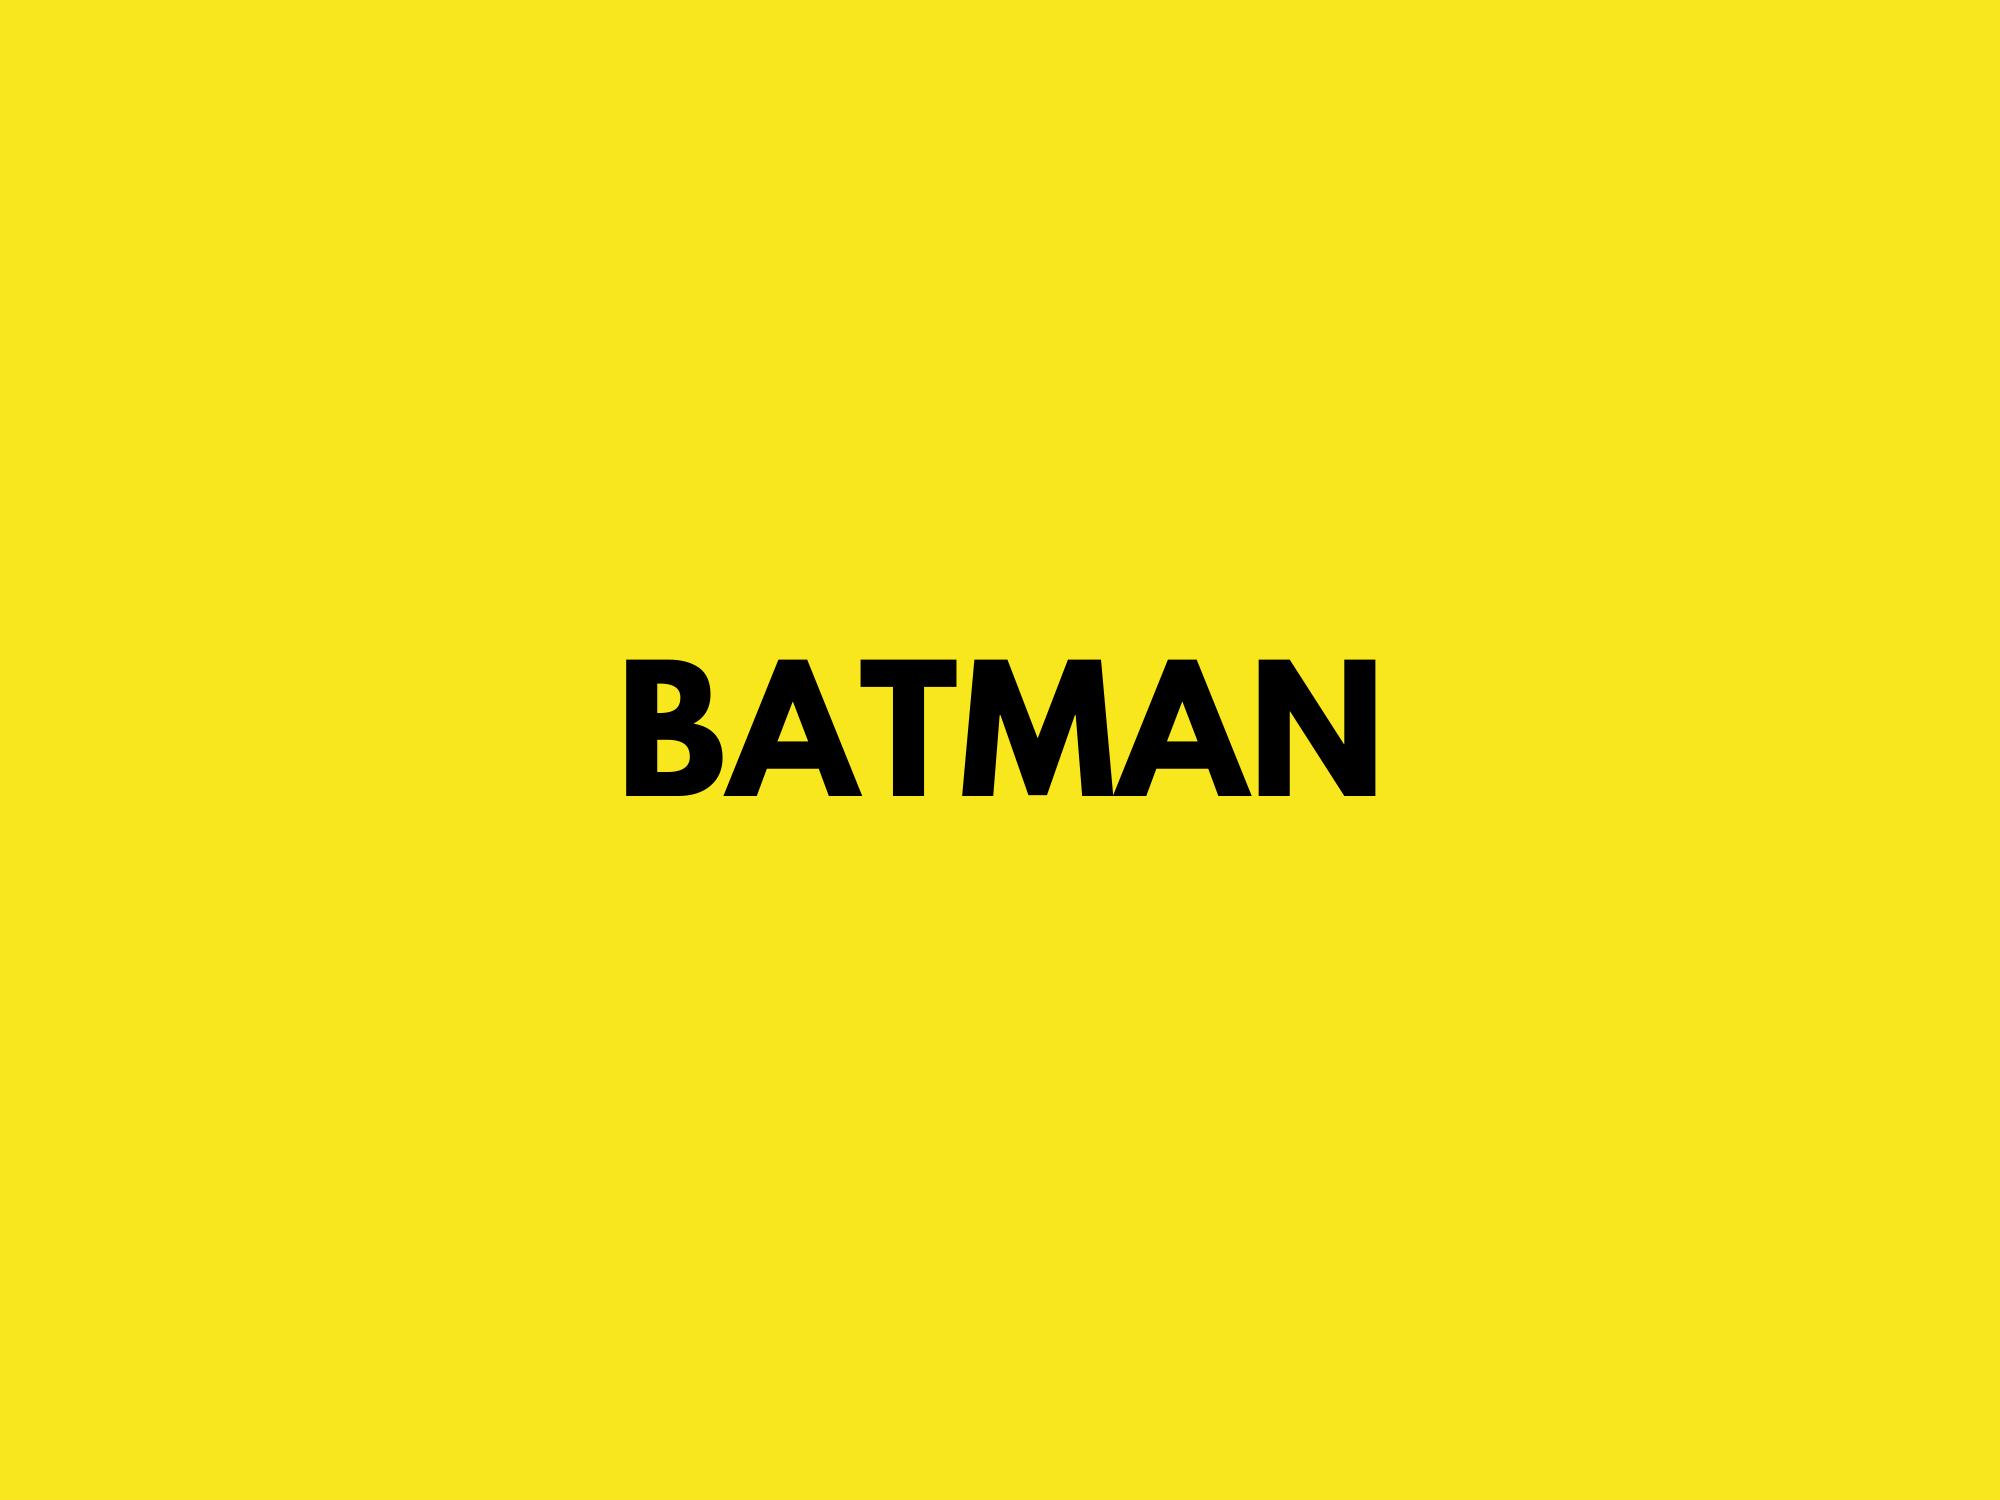 #6. Chaque Batman crée son Joker.